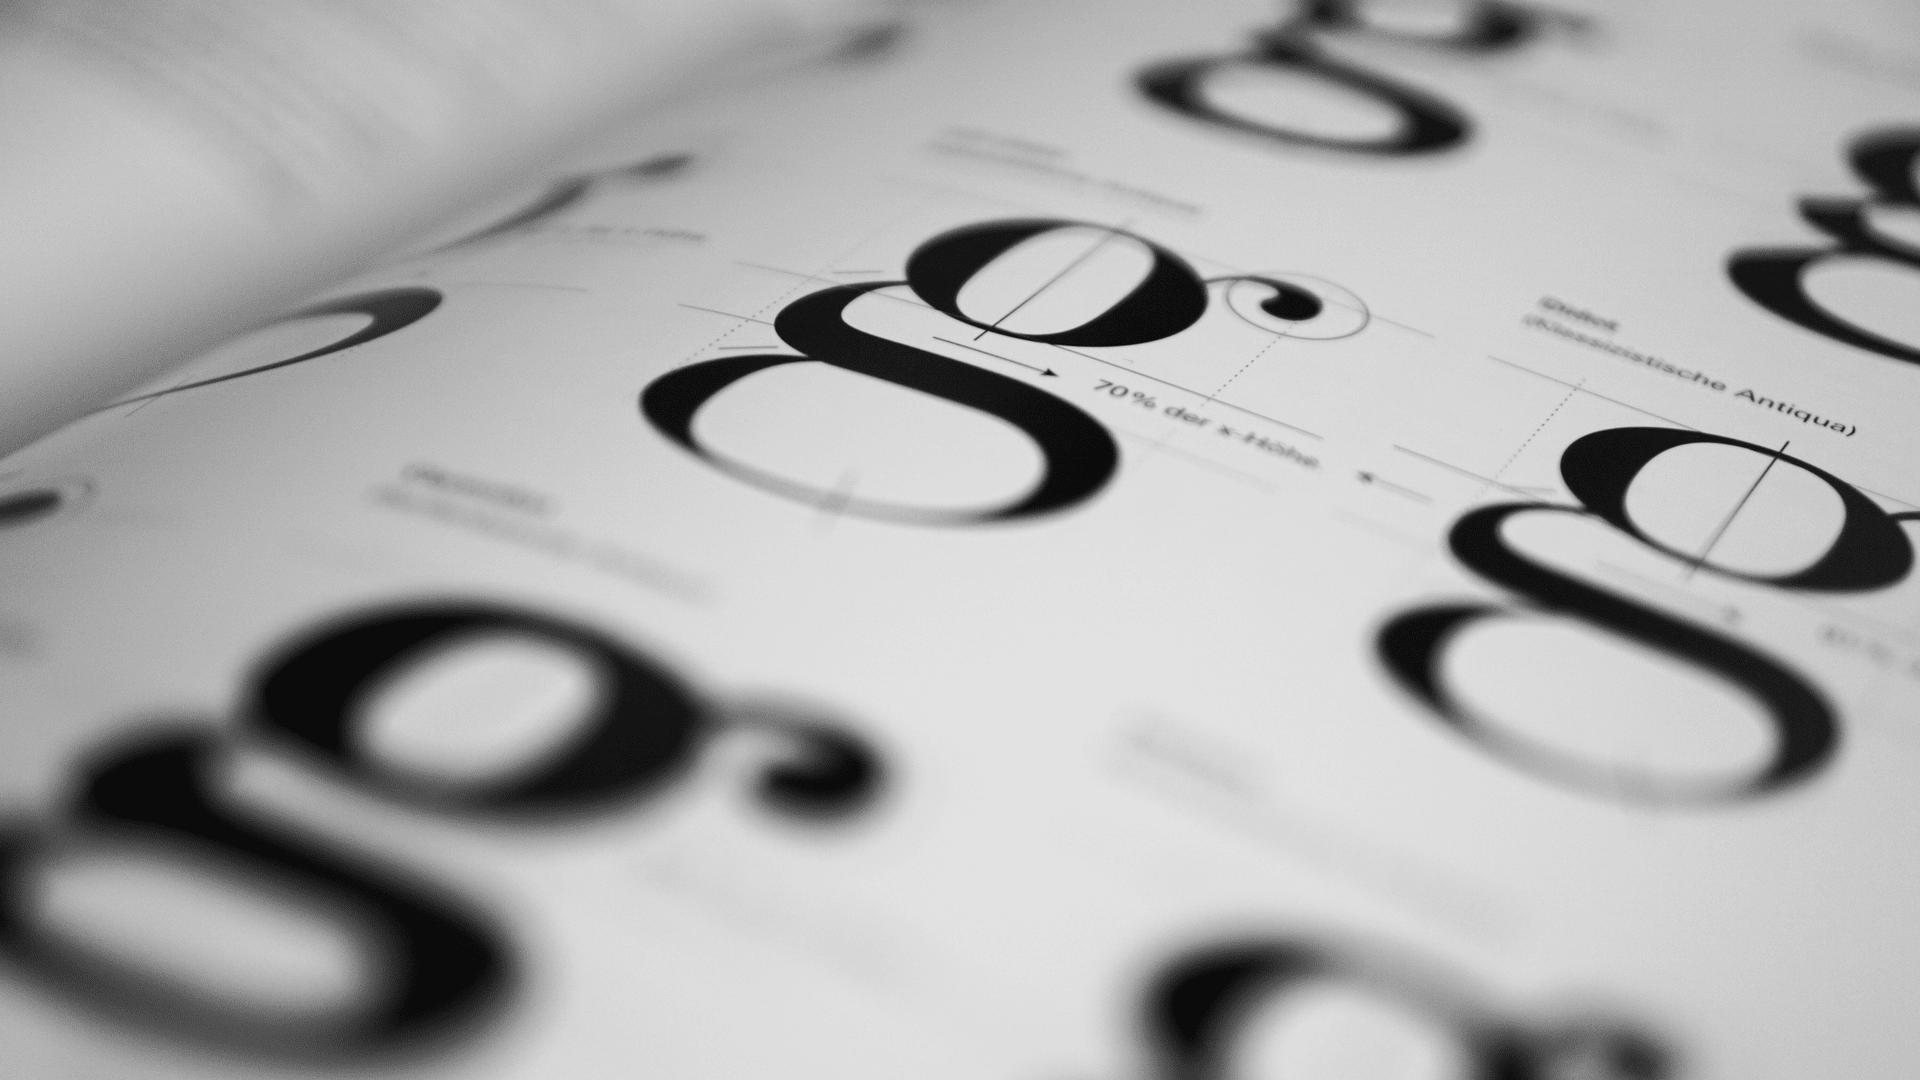 60 Fuentes Gratuitas Para Diseños Minimalistas